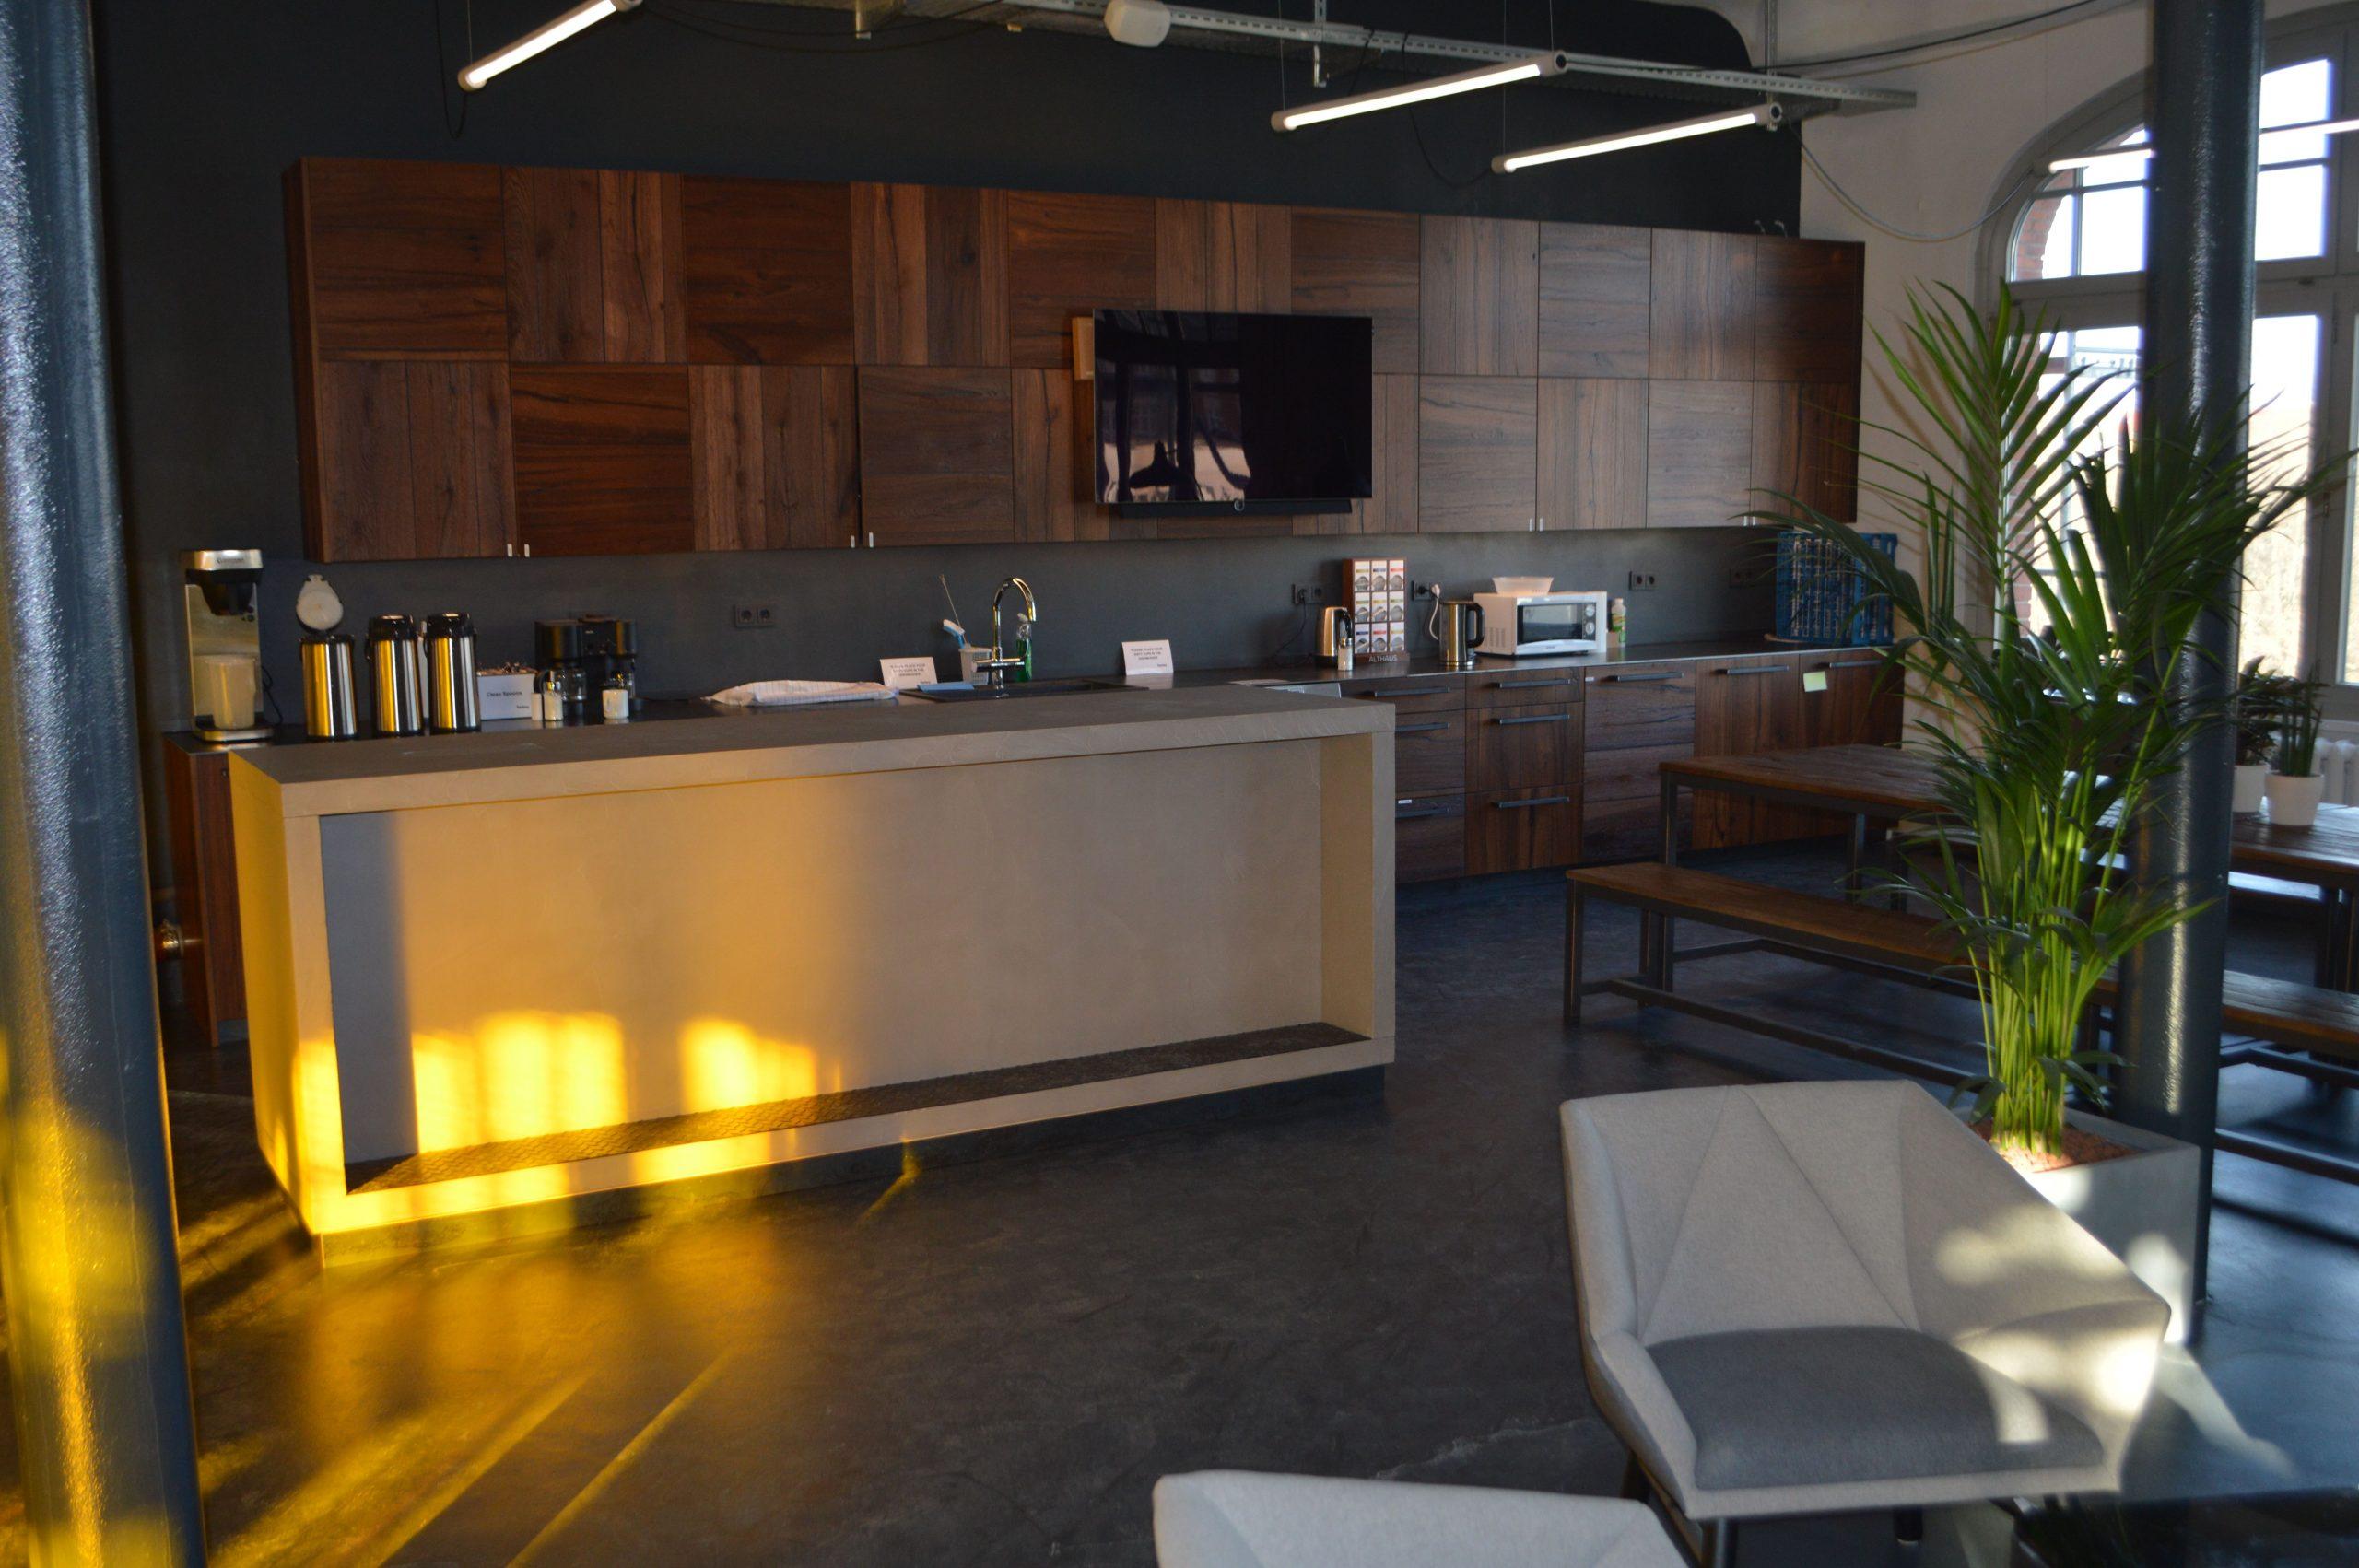 Full Size of Büroküche Inwerk Büro Küche Möbel Büro Küche Berlin Sprüche Für Die Büroküche Küche Büroküche